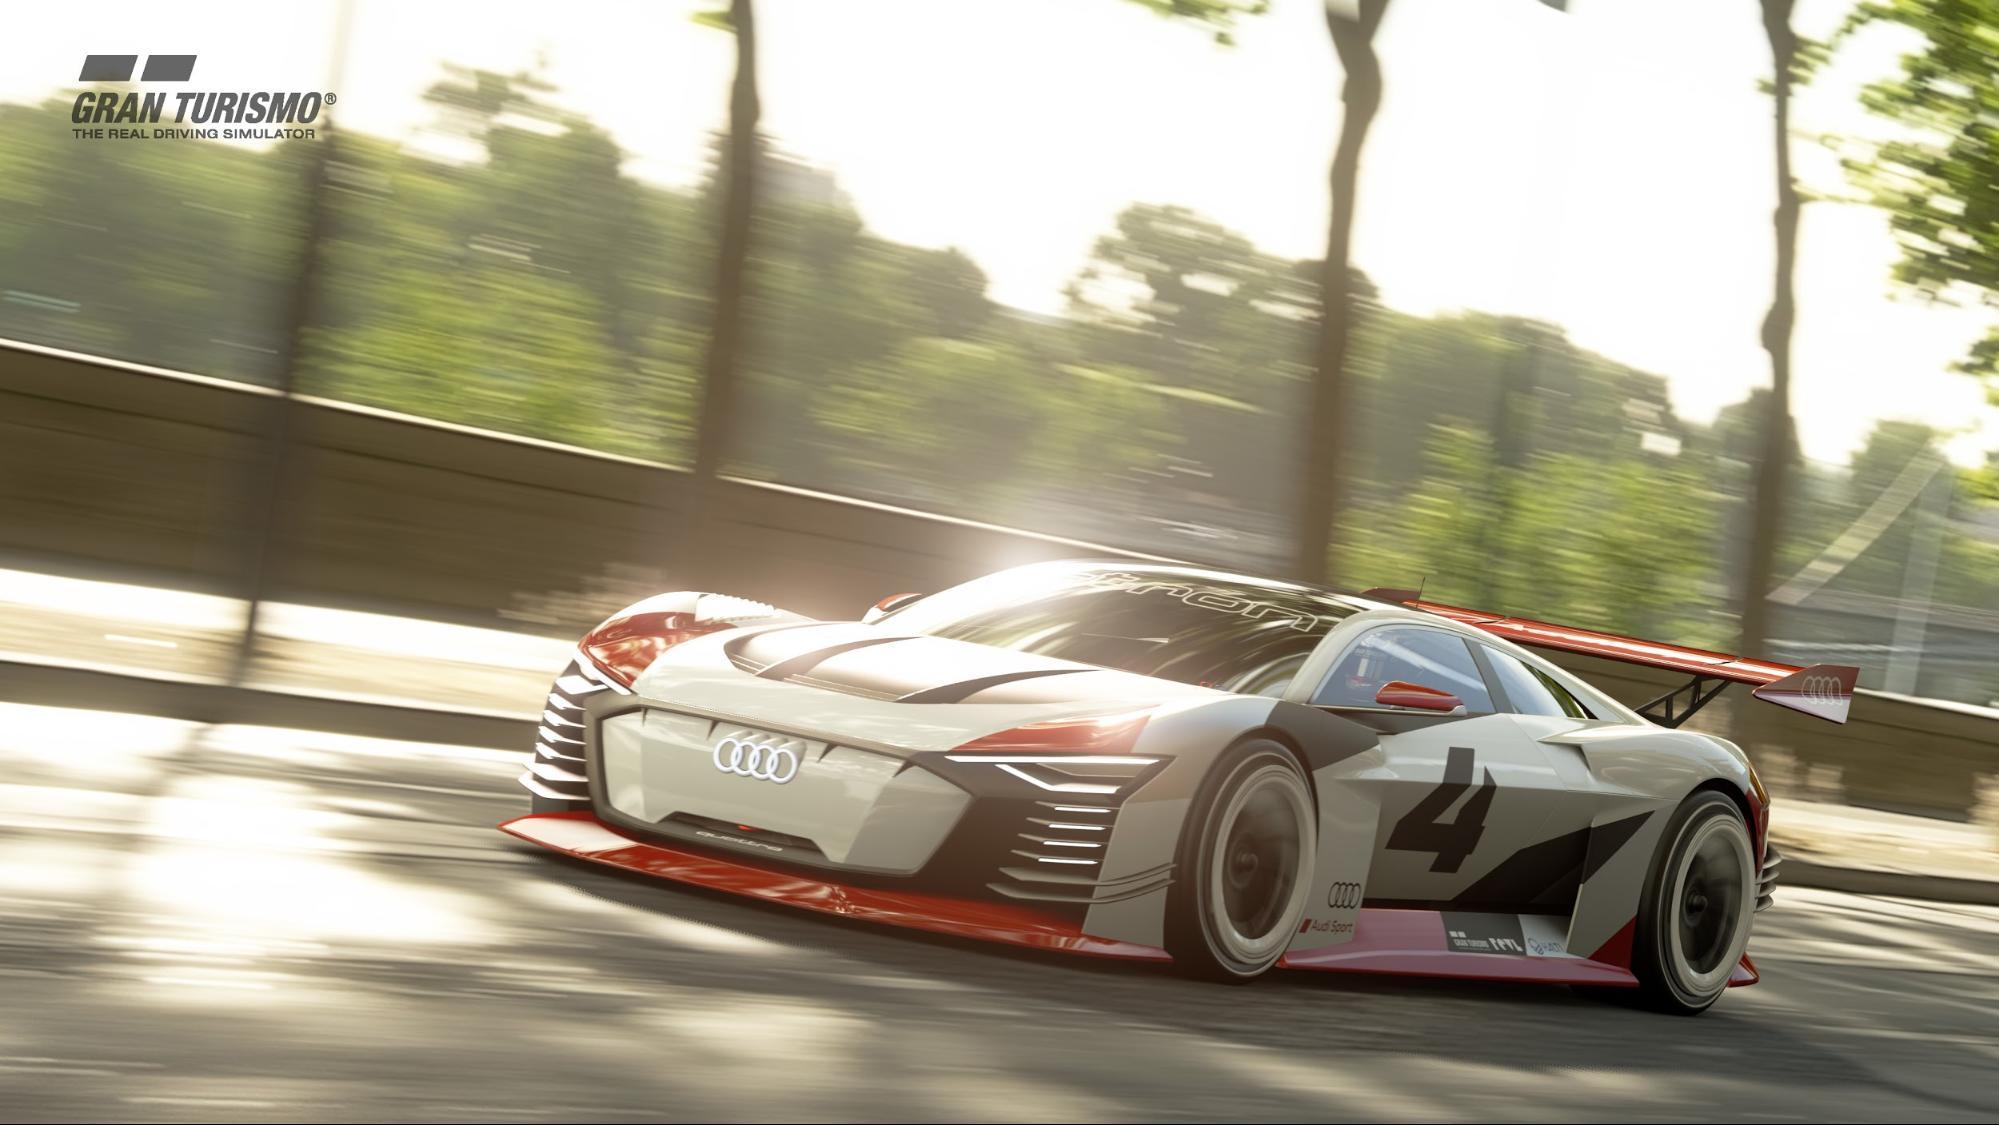 La riproduzione di gara Gran Turismo sulla PlayStation 4 detta standard nella simulazione. (AUDI)